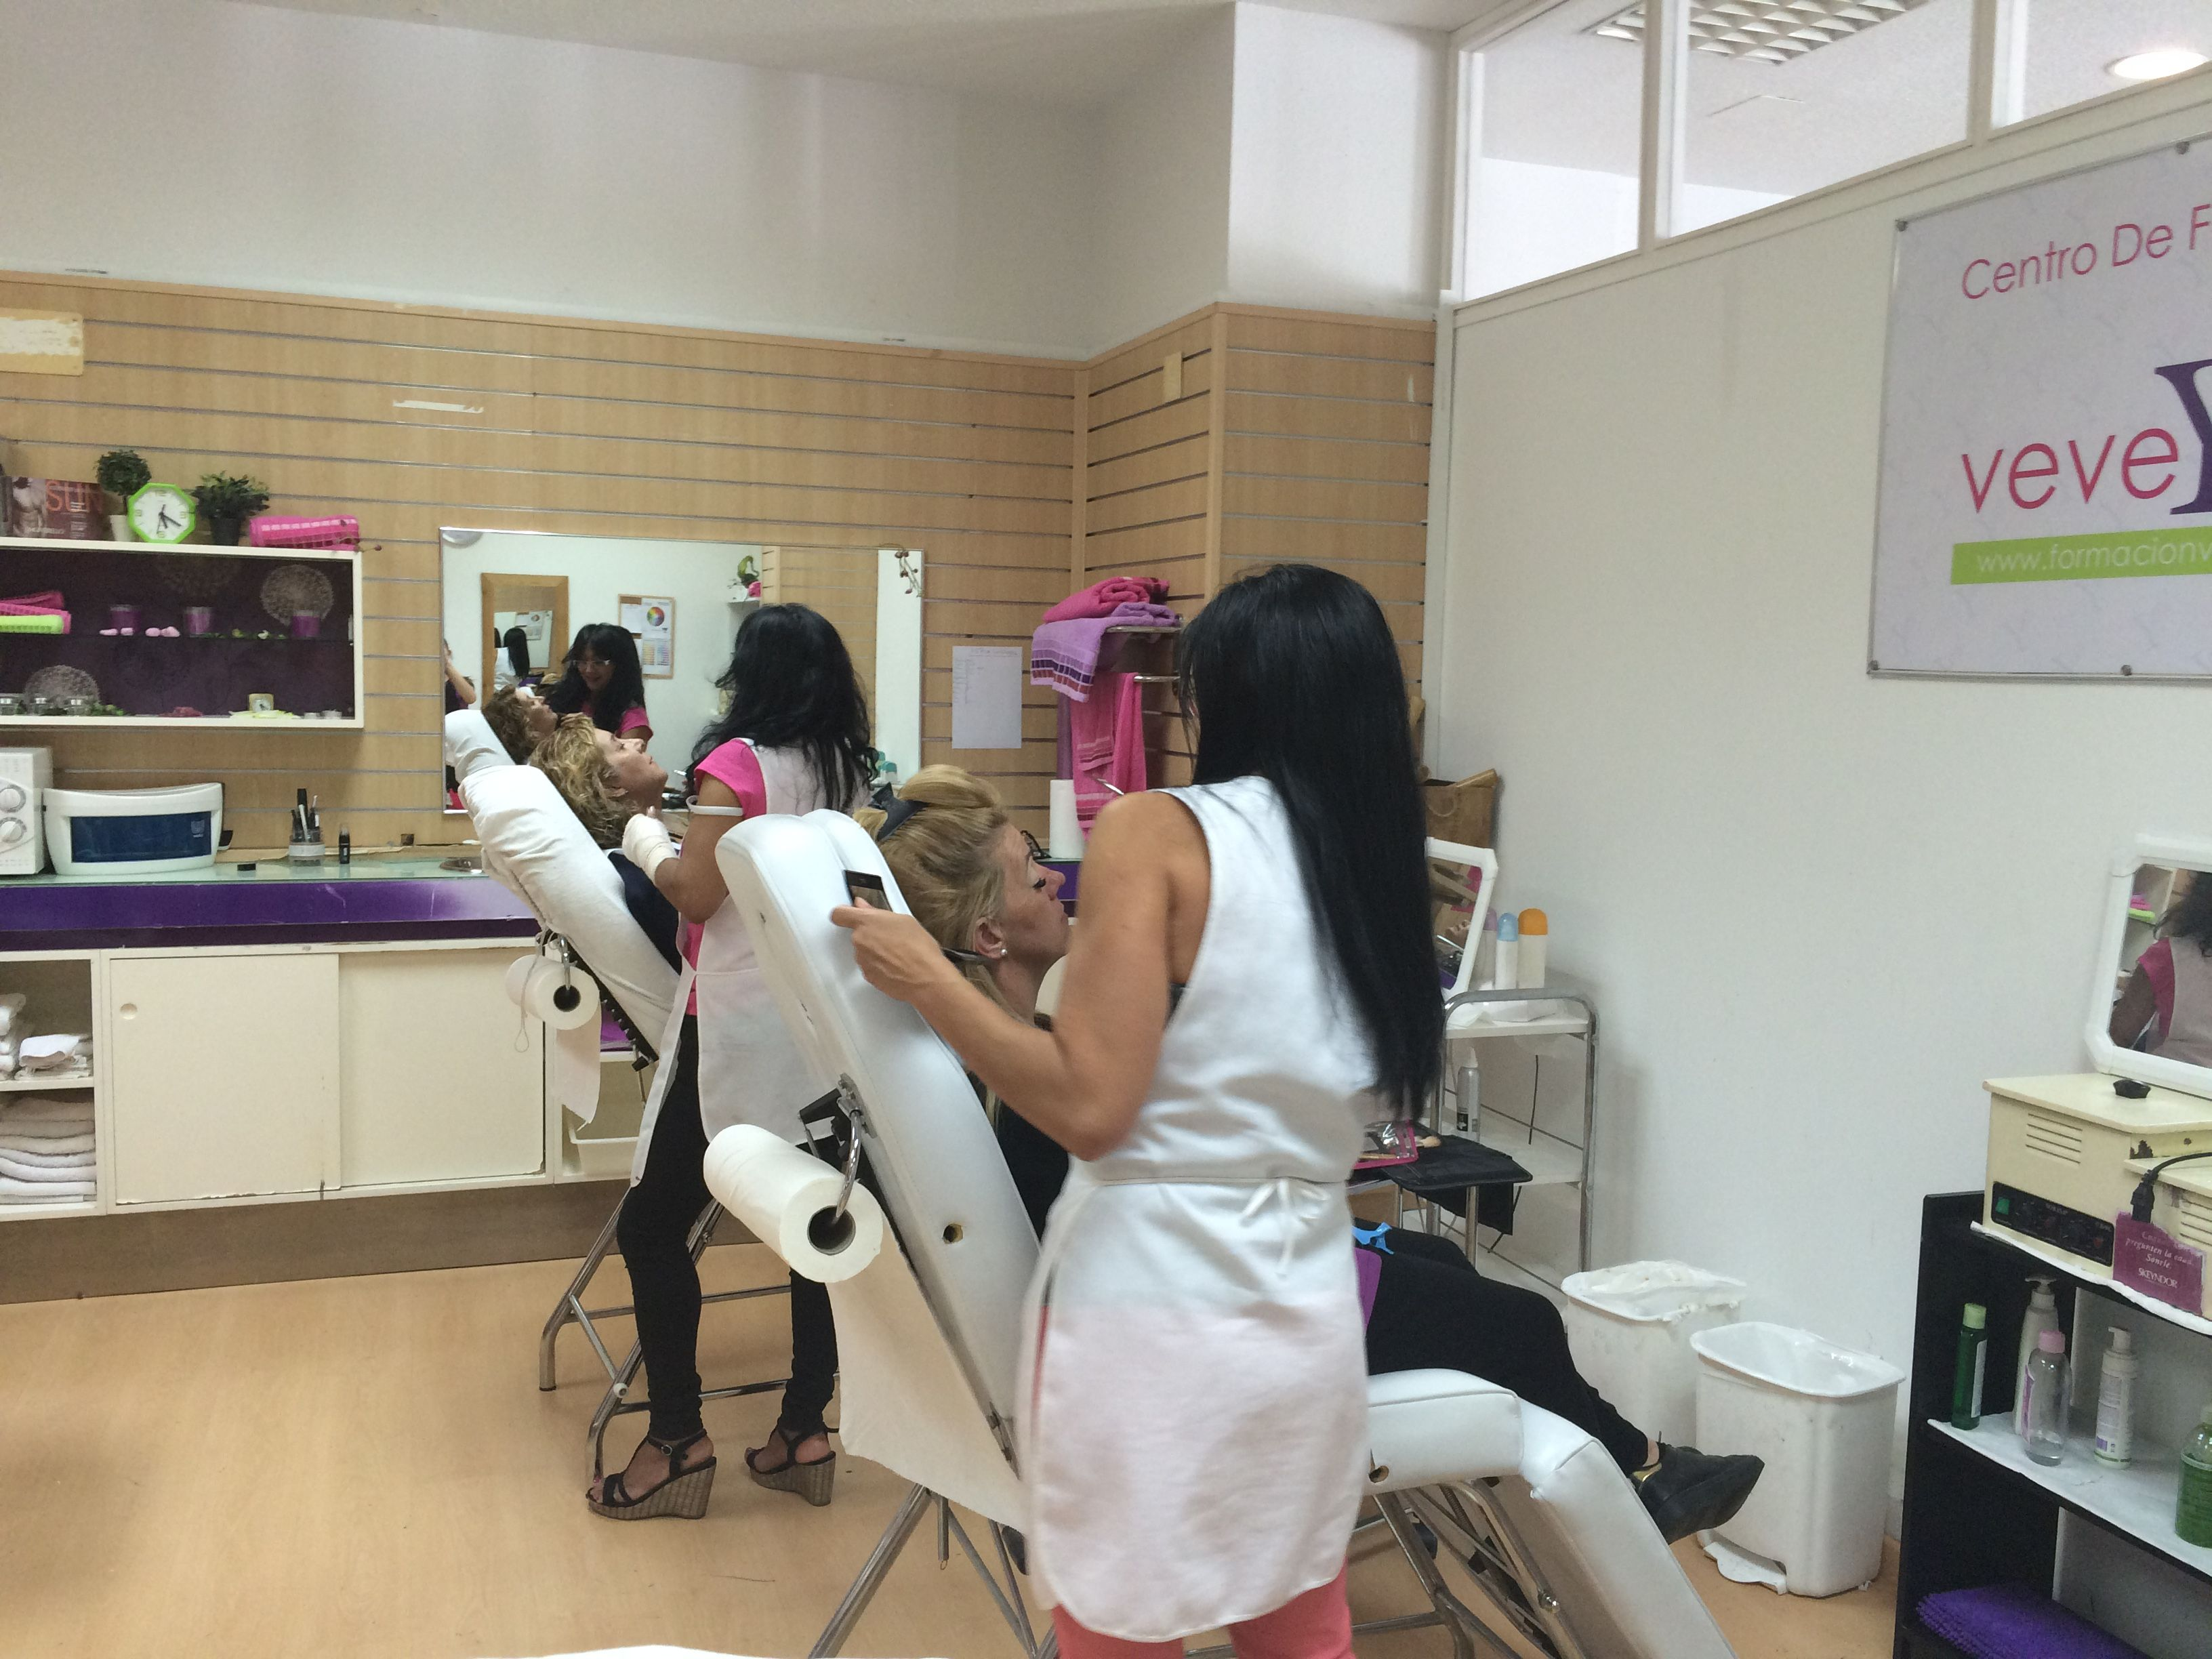 Servicios al público a precios más reducidos: Cursos peluquería y estética de Vevey